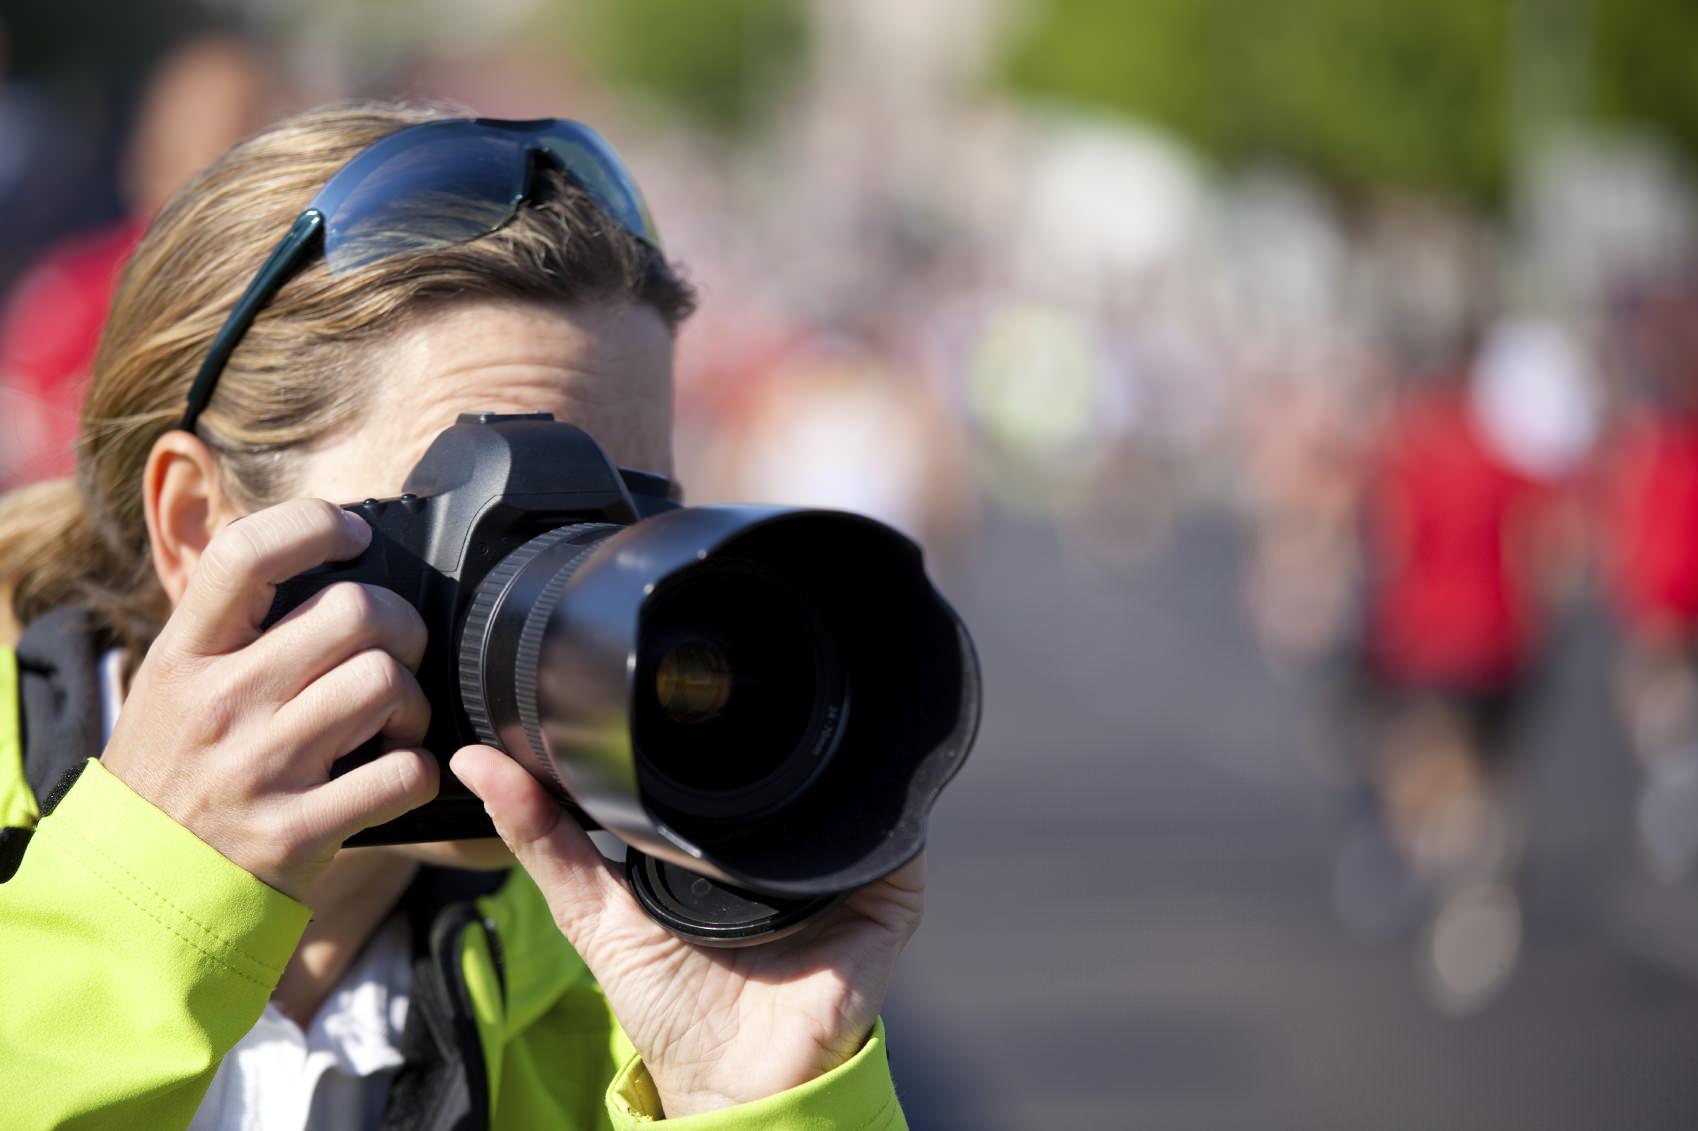 Поиск человека по фотографии в соц сетях ардатовском